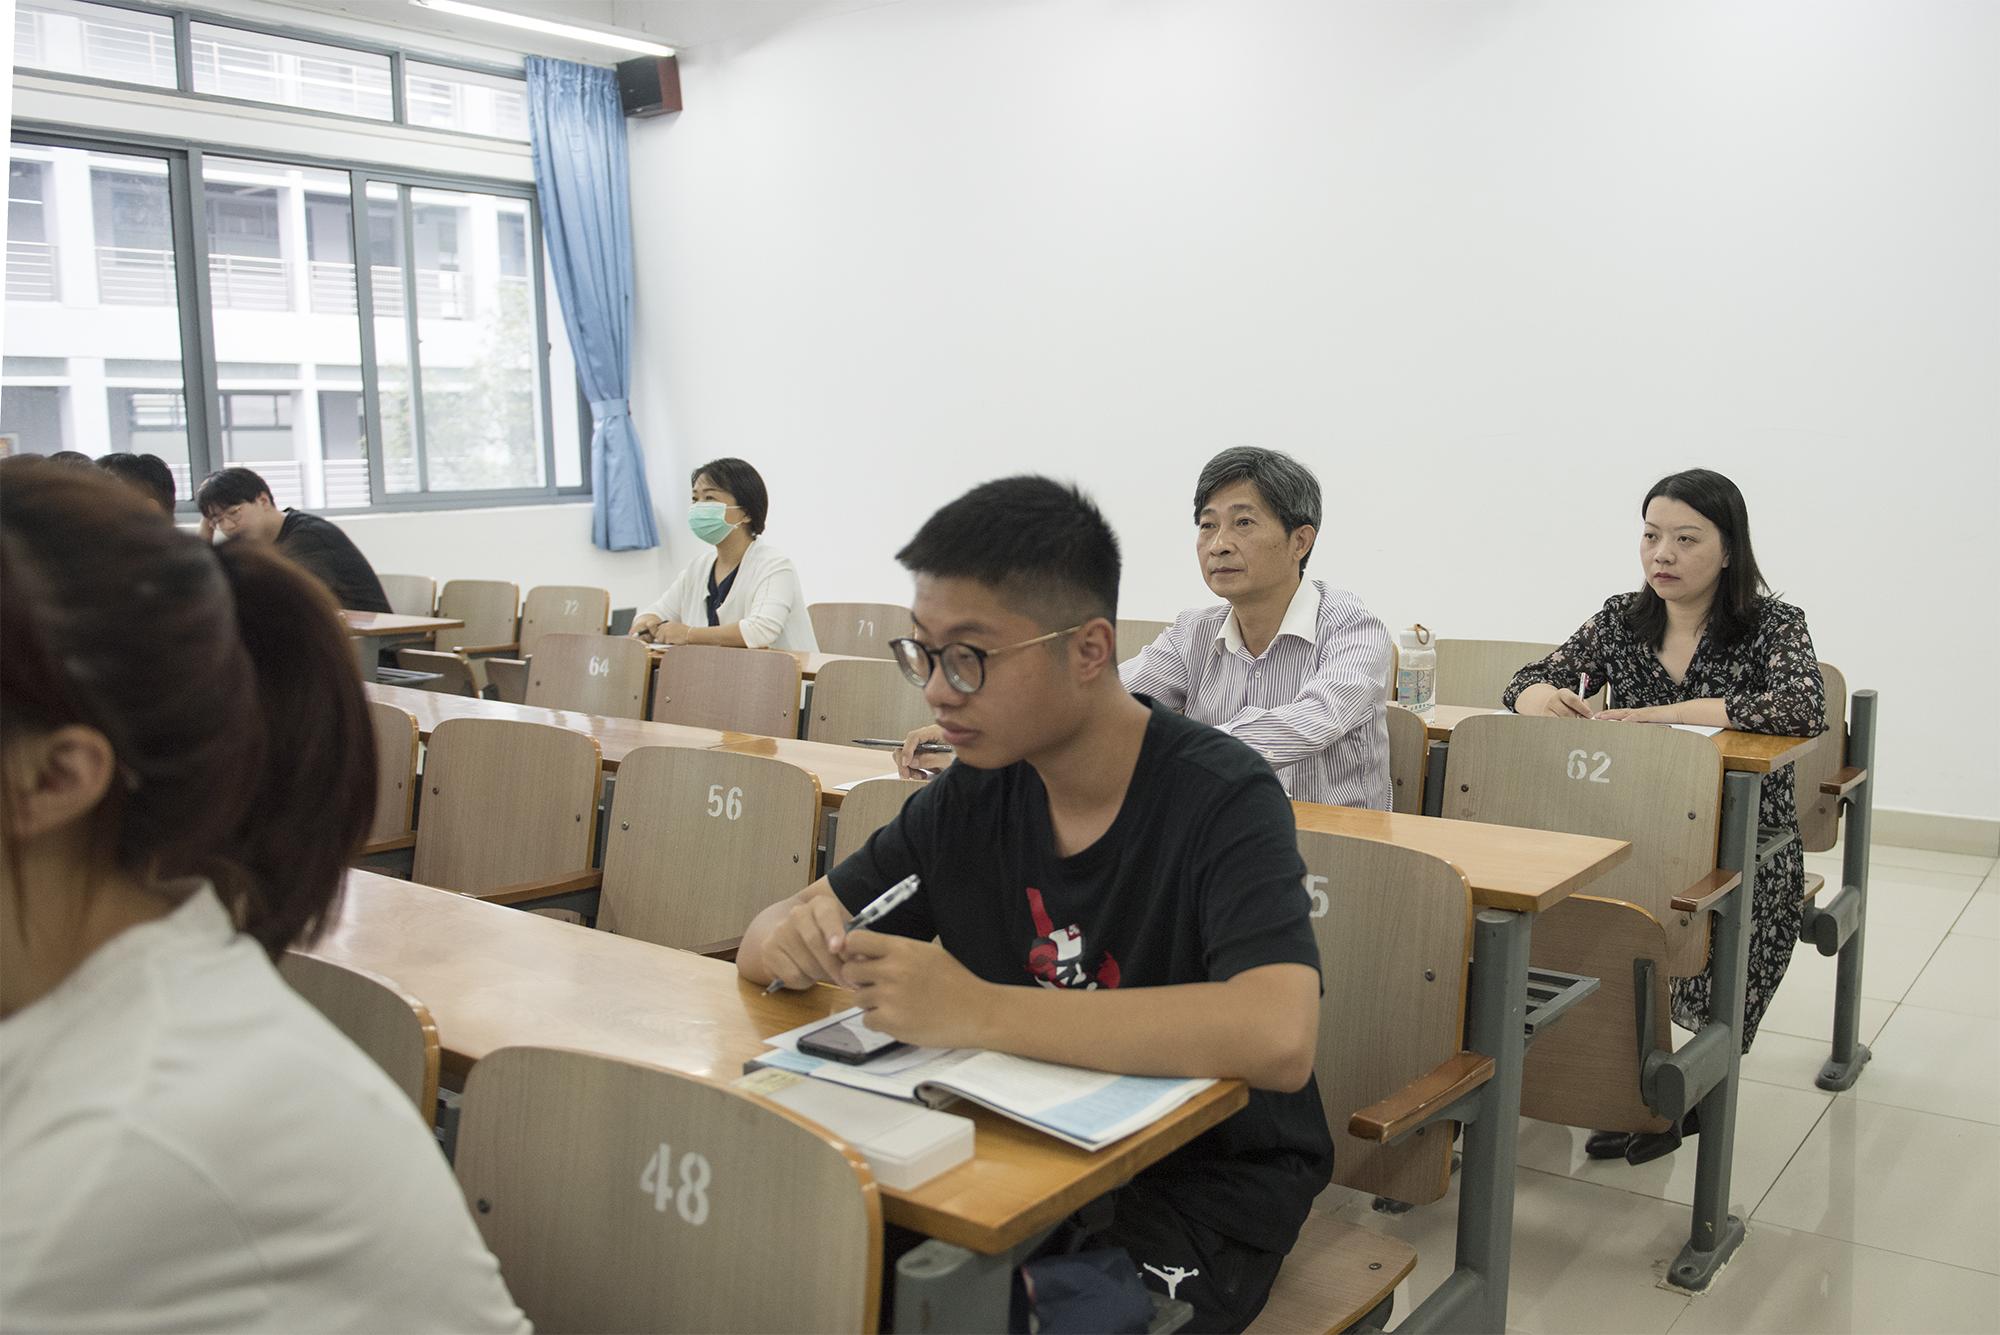 校党委书记高翅在三教C301听取《毛泽东思想和中国特色社会主义理论体系概论》课程(记者 刘涛 摄)